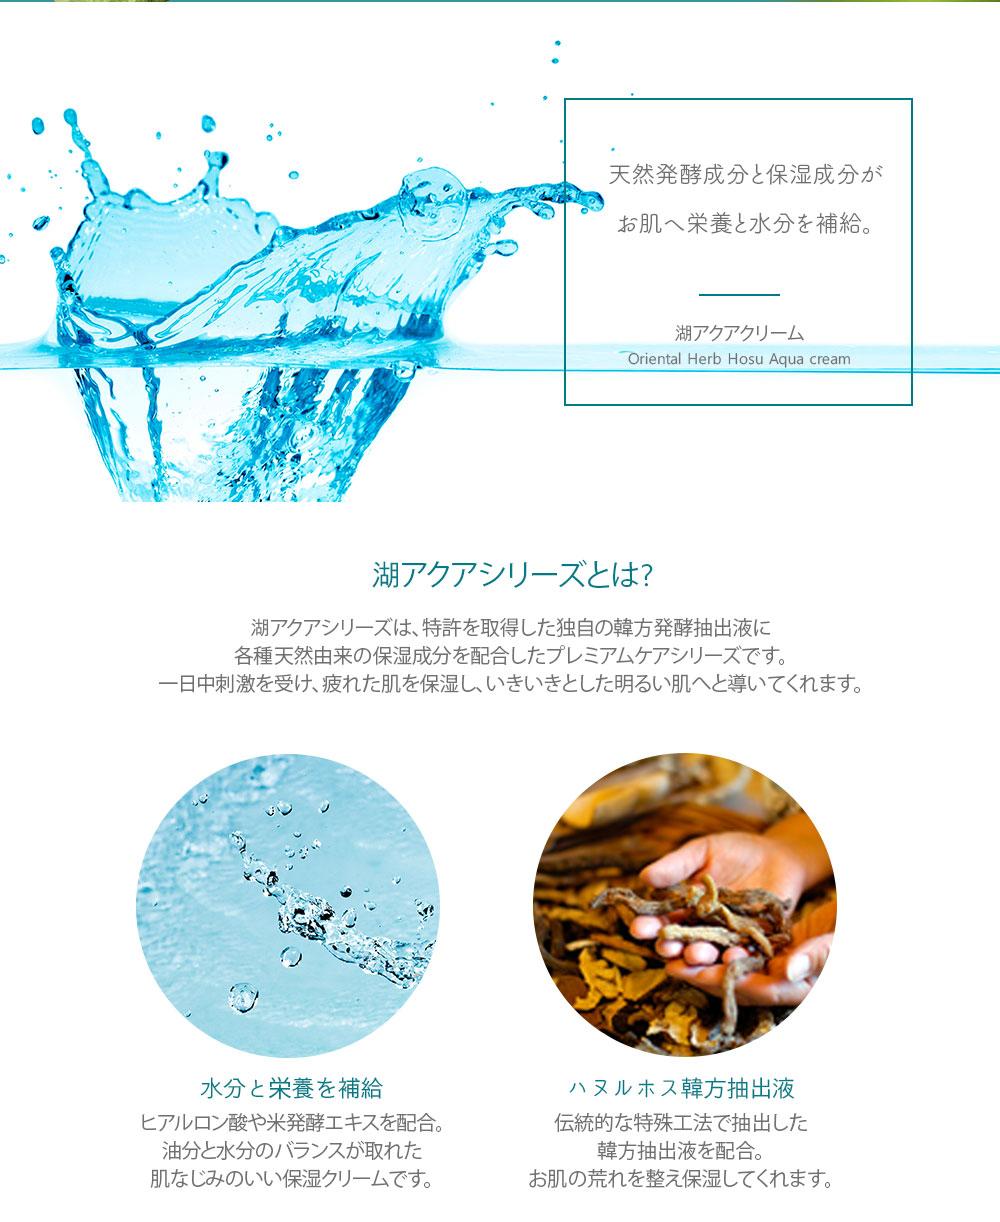 みずみずしく潤う湖アクア保湿クリーム10%OFF